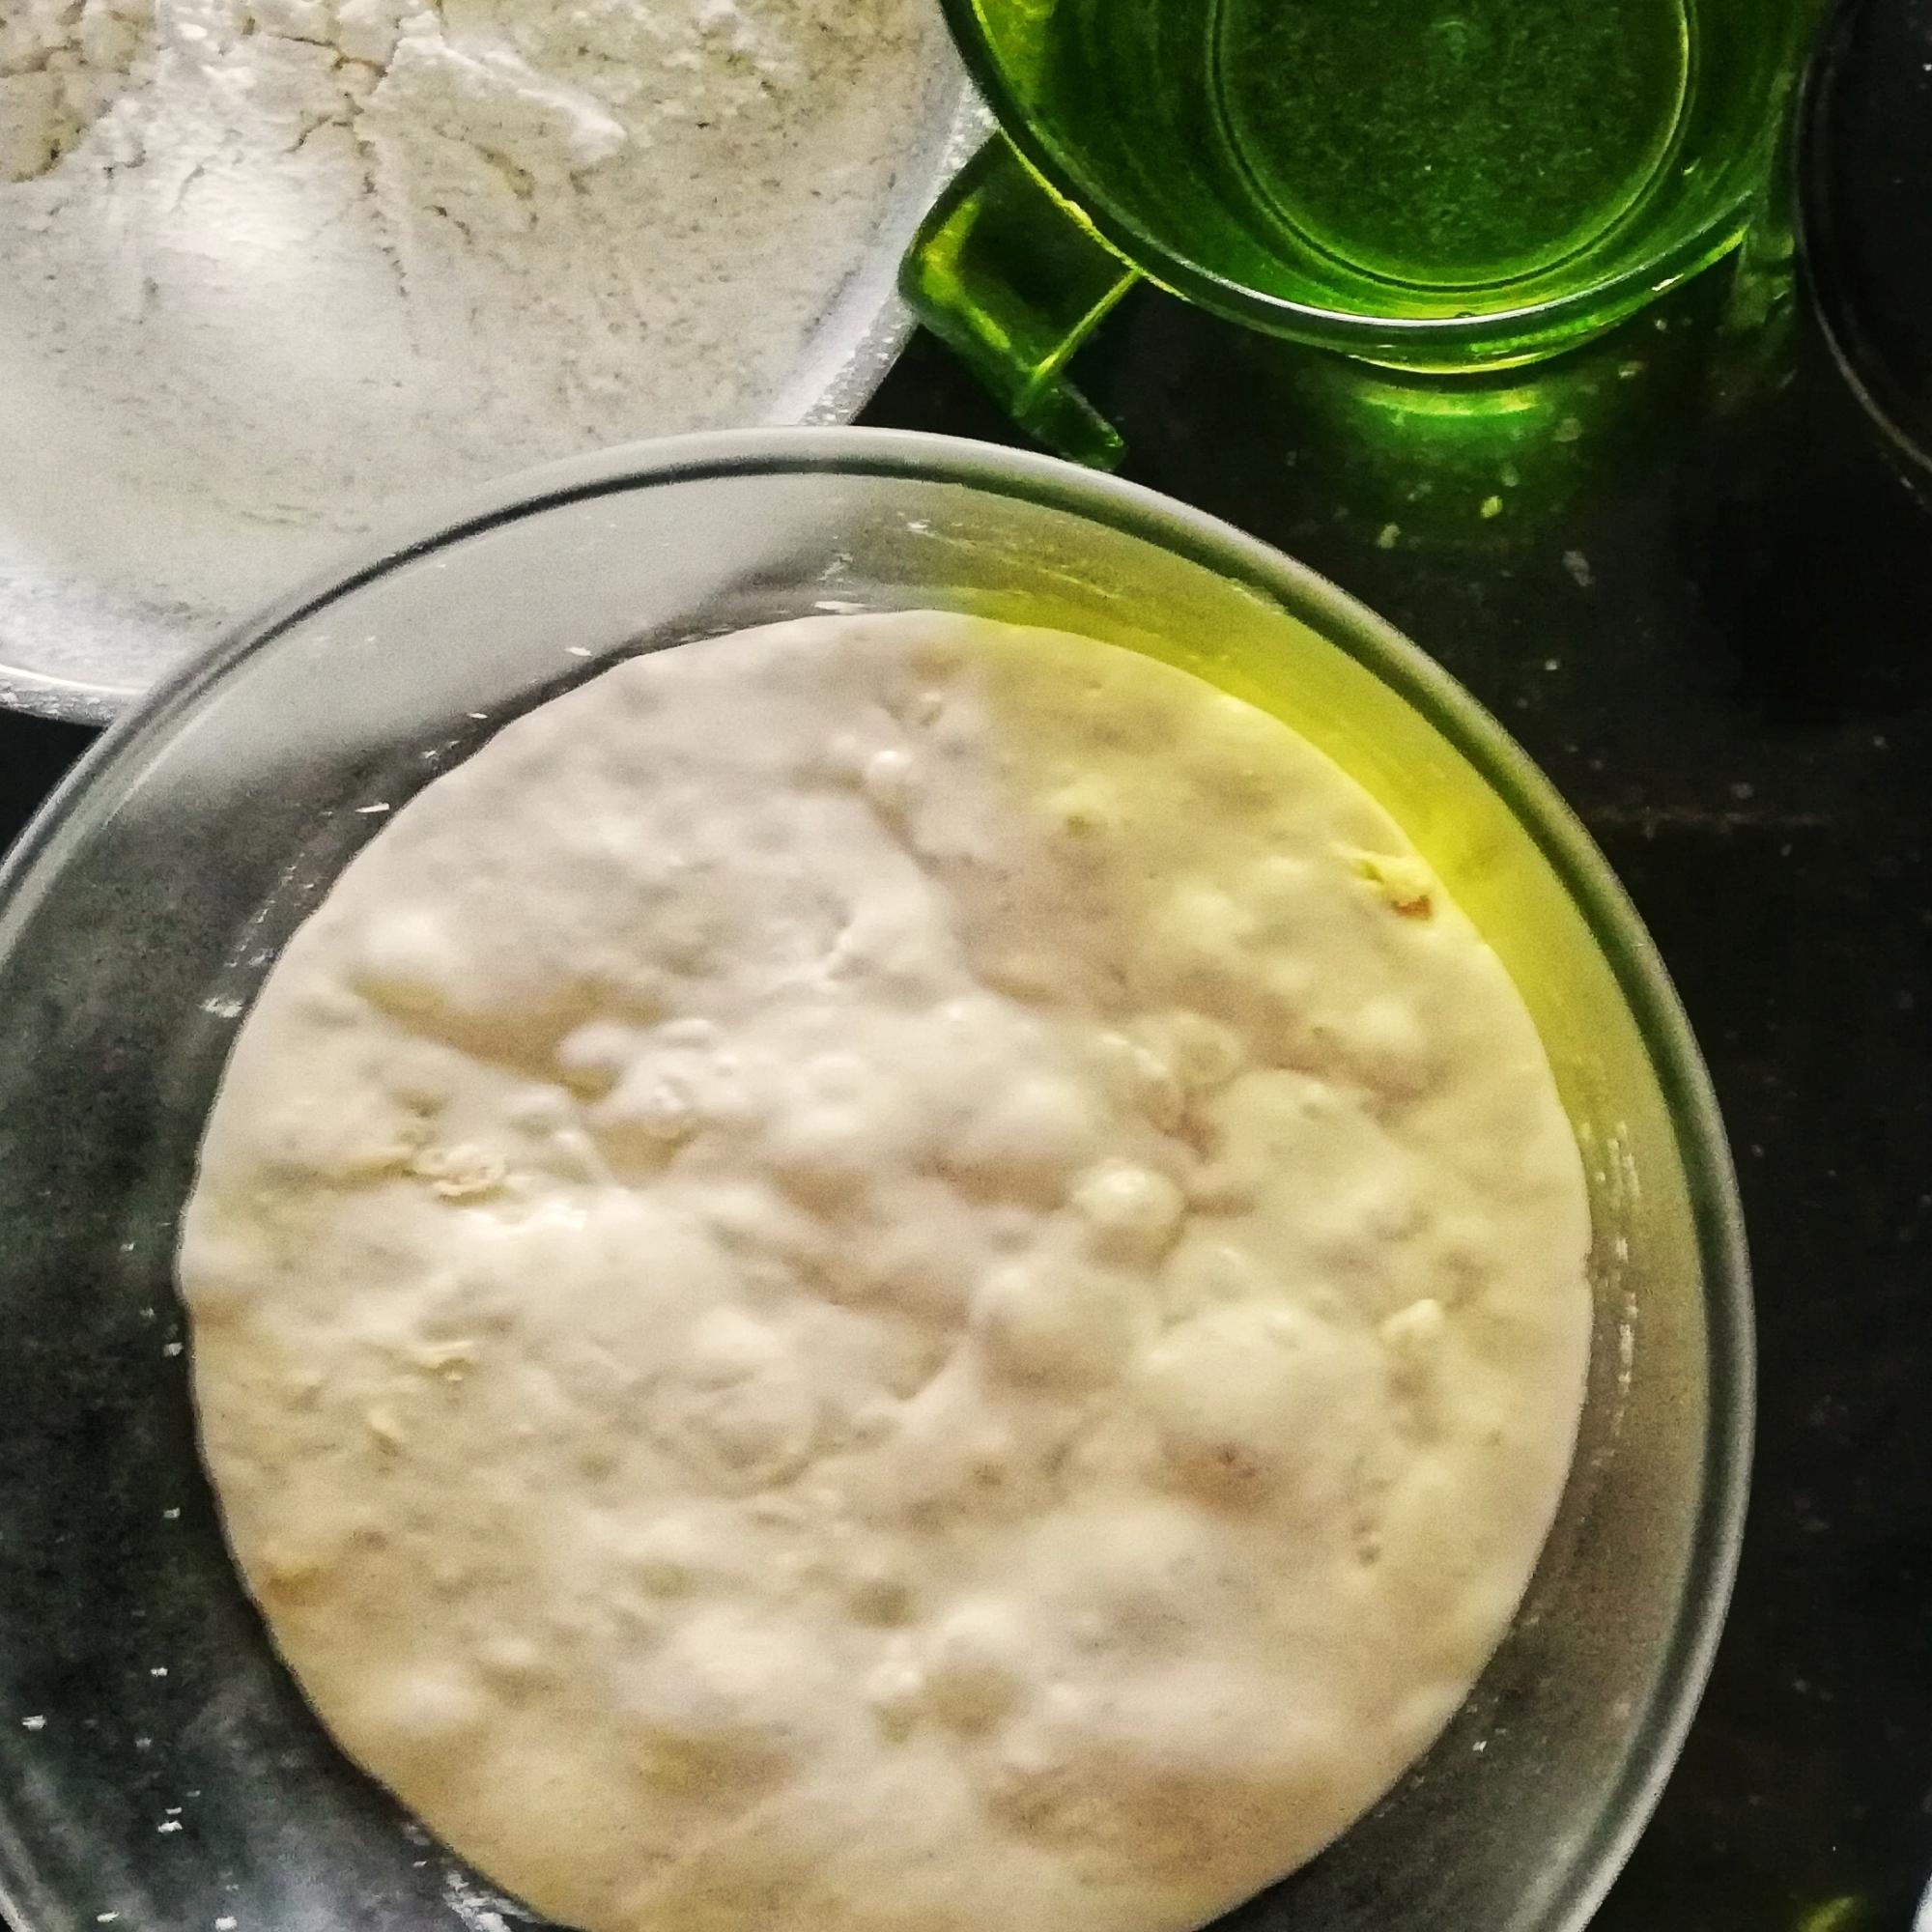 Sponge, ready for ciabatta, flour,oil, salt